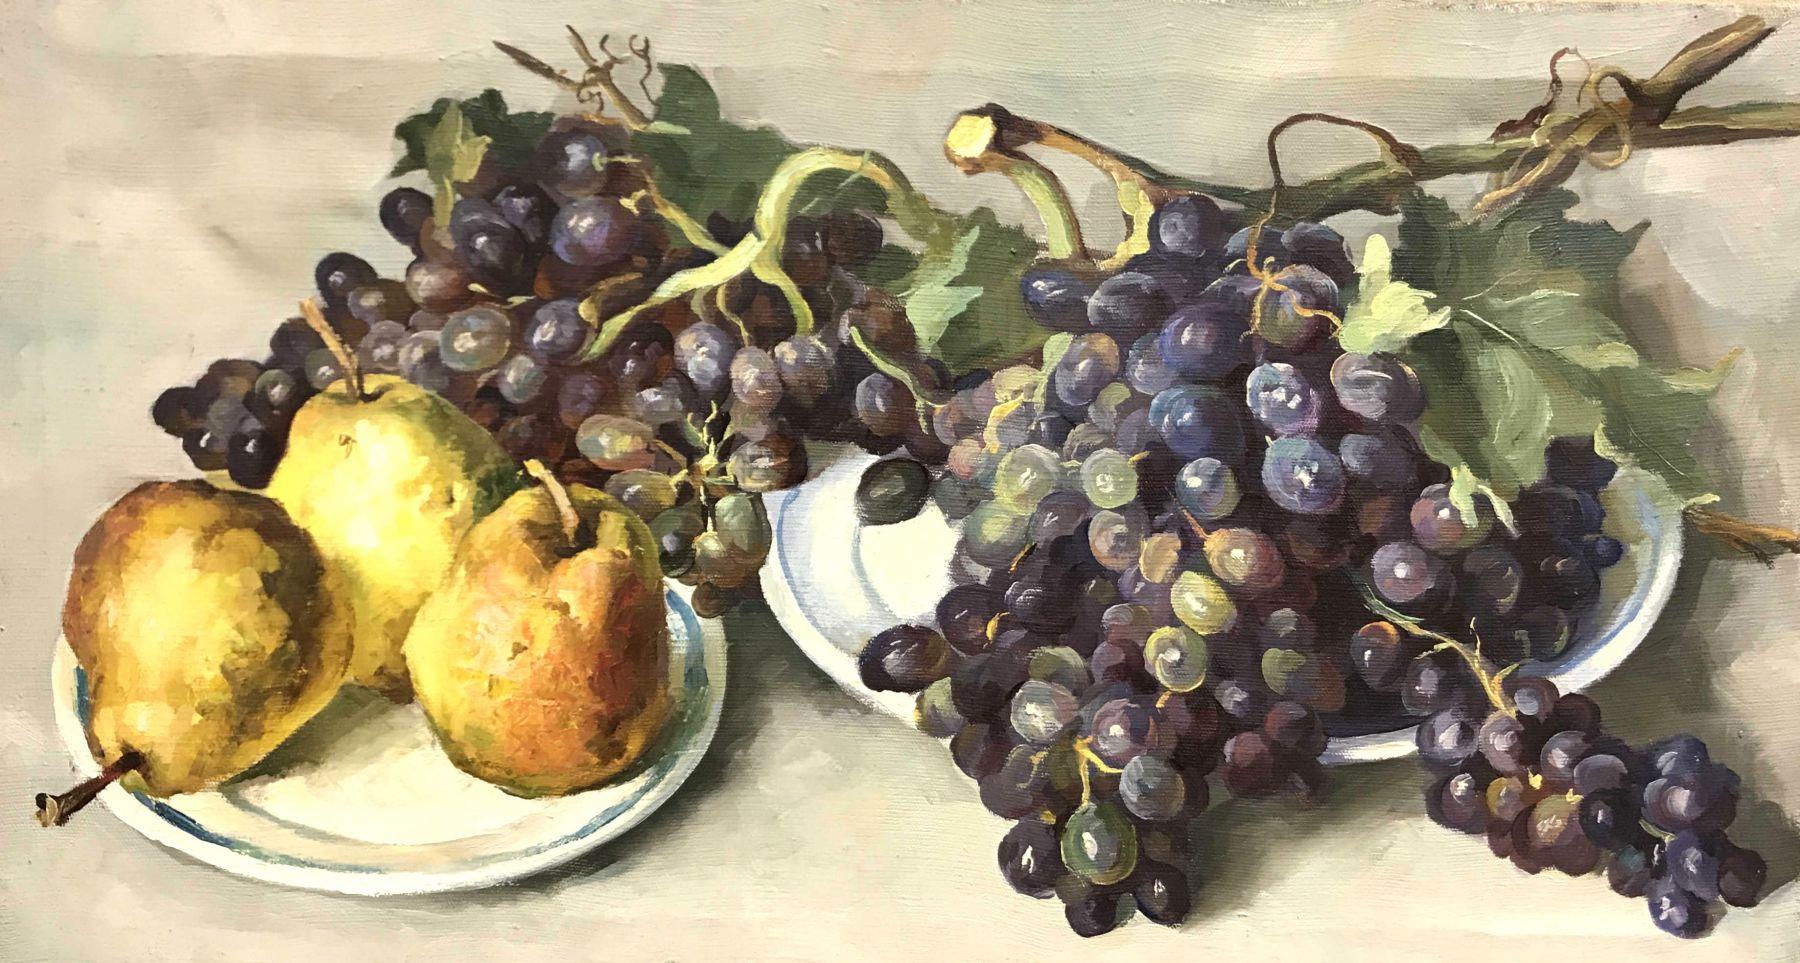 Натюрморт с виноградом и грушами.